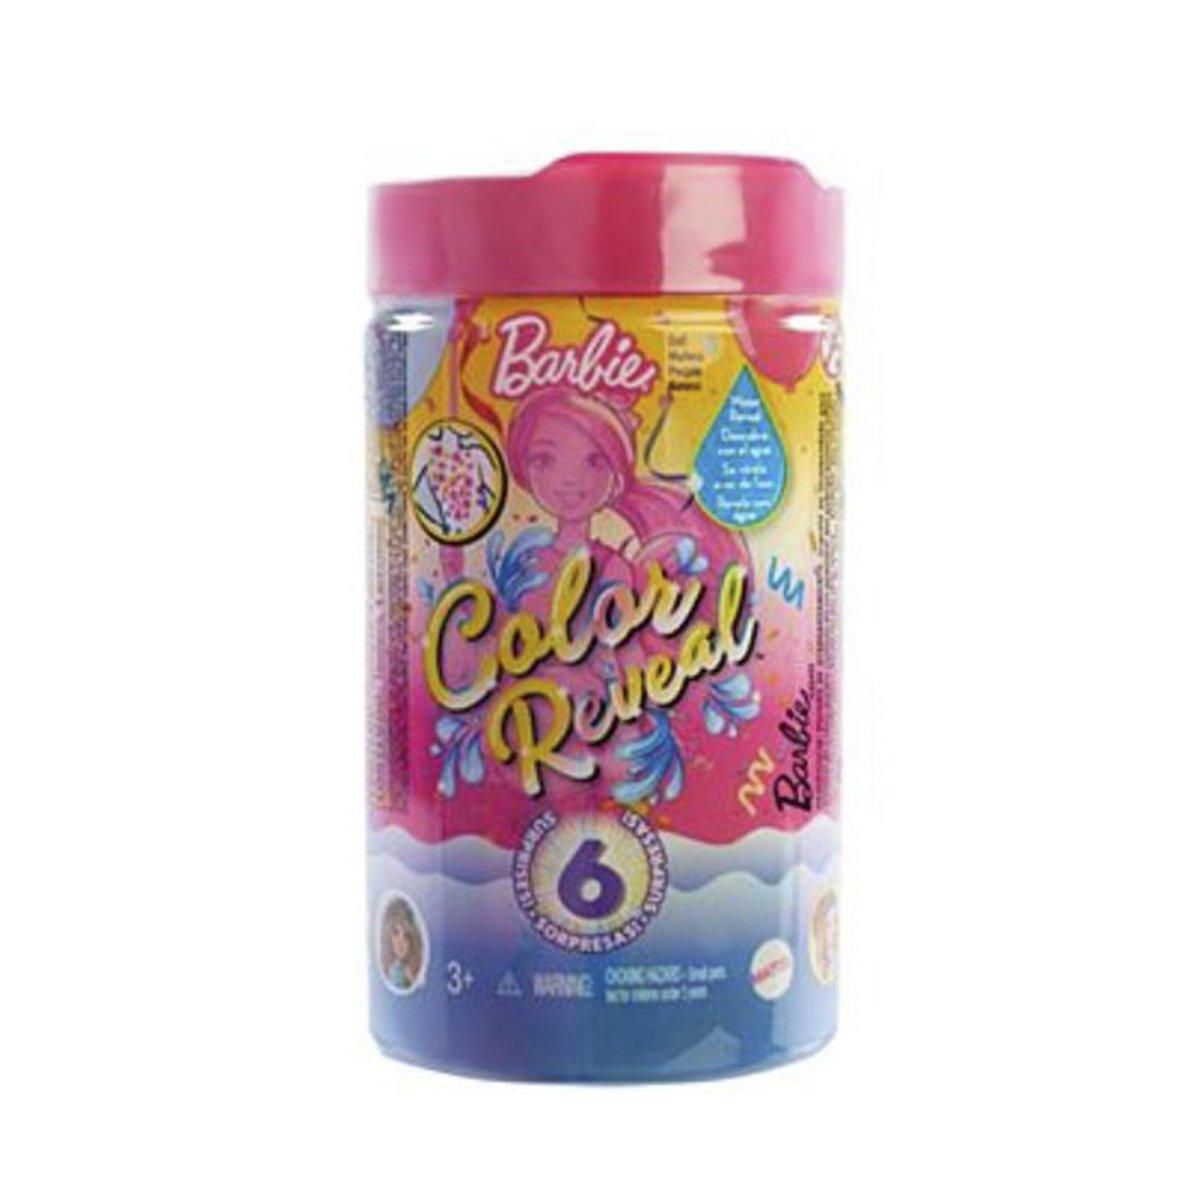 Papusa surpriza, Barbie, Color Reveal Party set Chelsea